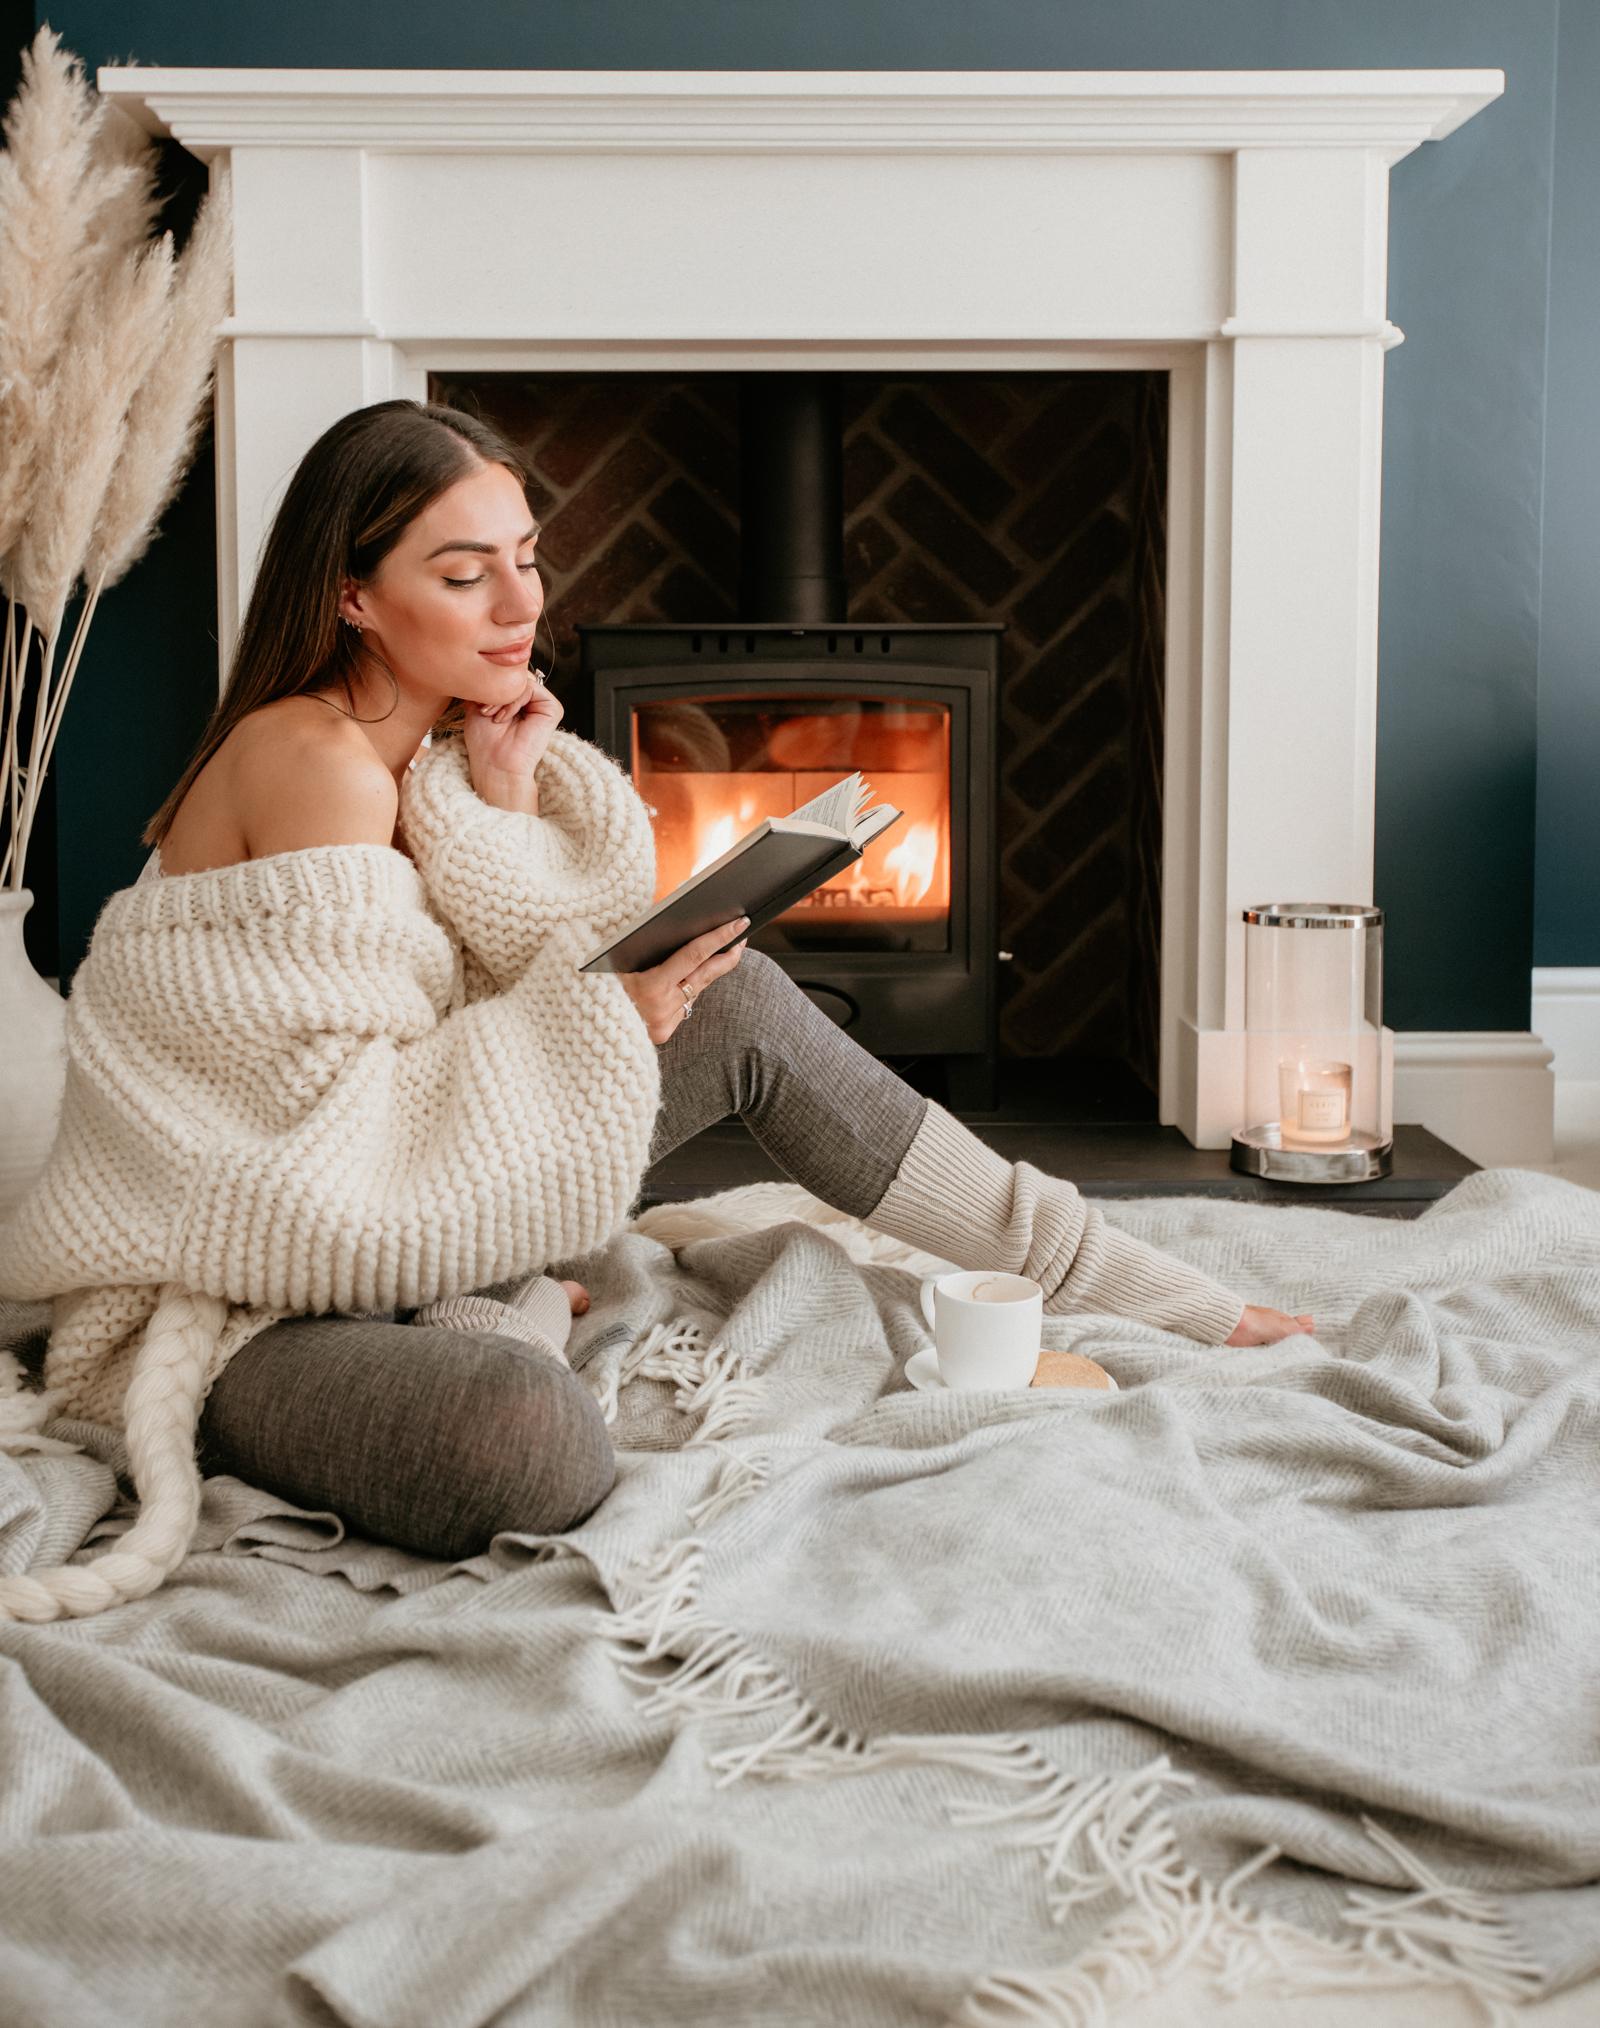 20191007-DSC00328-fireplace